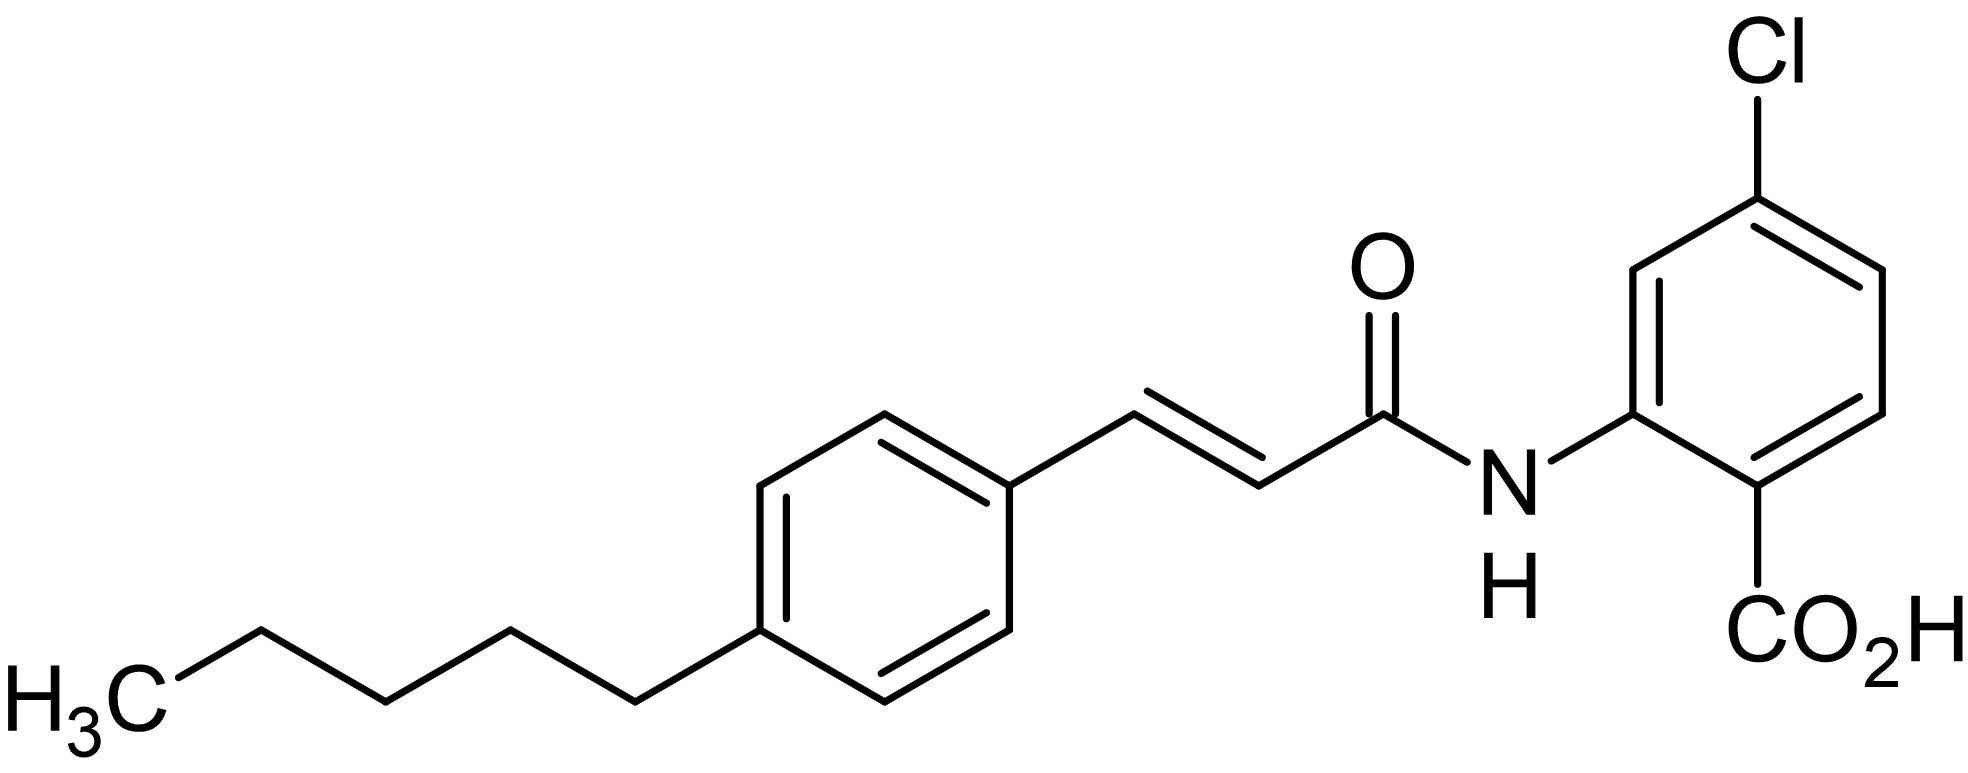 Chemical Structure - ONO-RS-082, phospholipase A<sub>2</sub> (PLA<sub>2</sub>) inhibitor (ab141760)